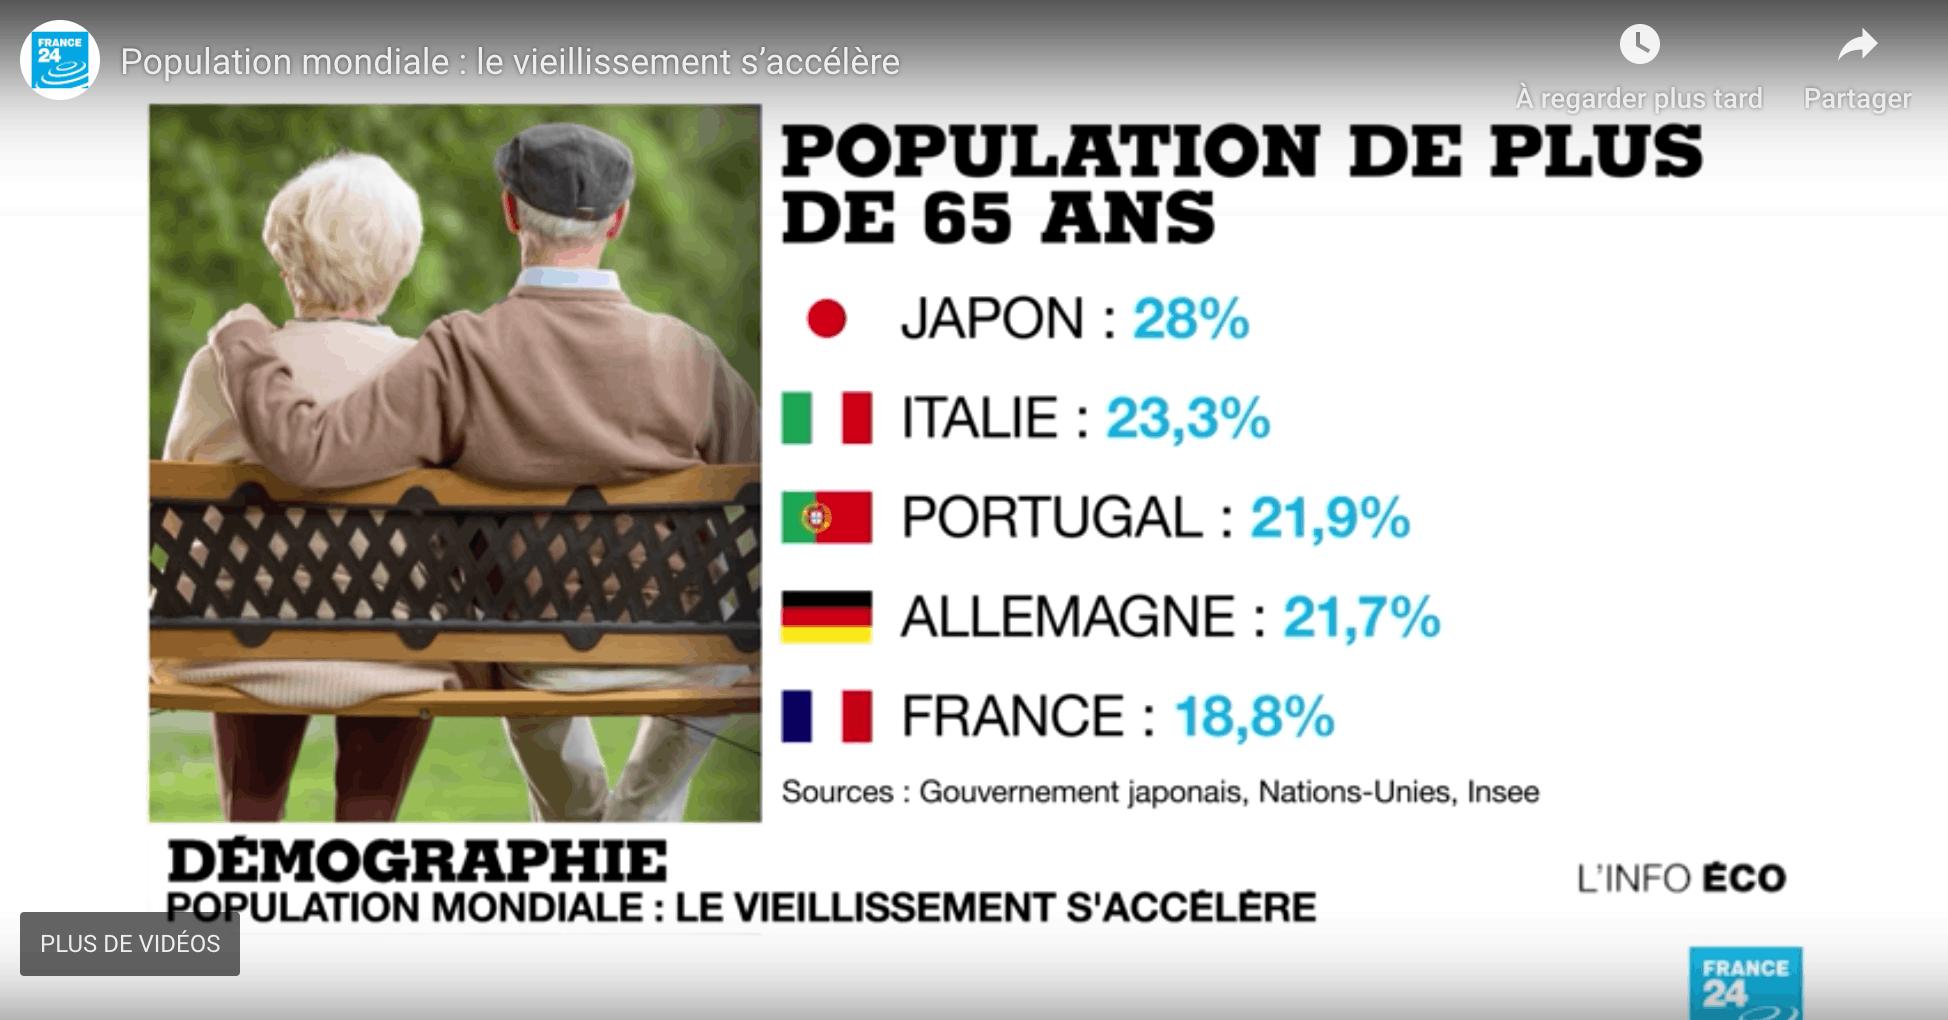 Capture d'écran d'un tableau présenté lors de l'émission - « Population mondiale : le vieillissement s'accélère », émission L'info éco sur France 24, présentée par Line Rifai, chroniqueuse économie, diffusée le 18 septembre 2018.